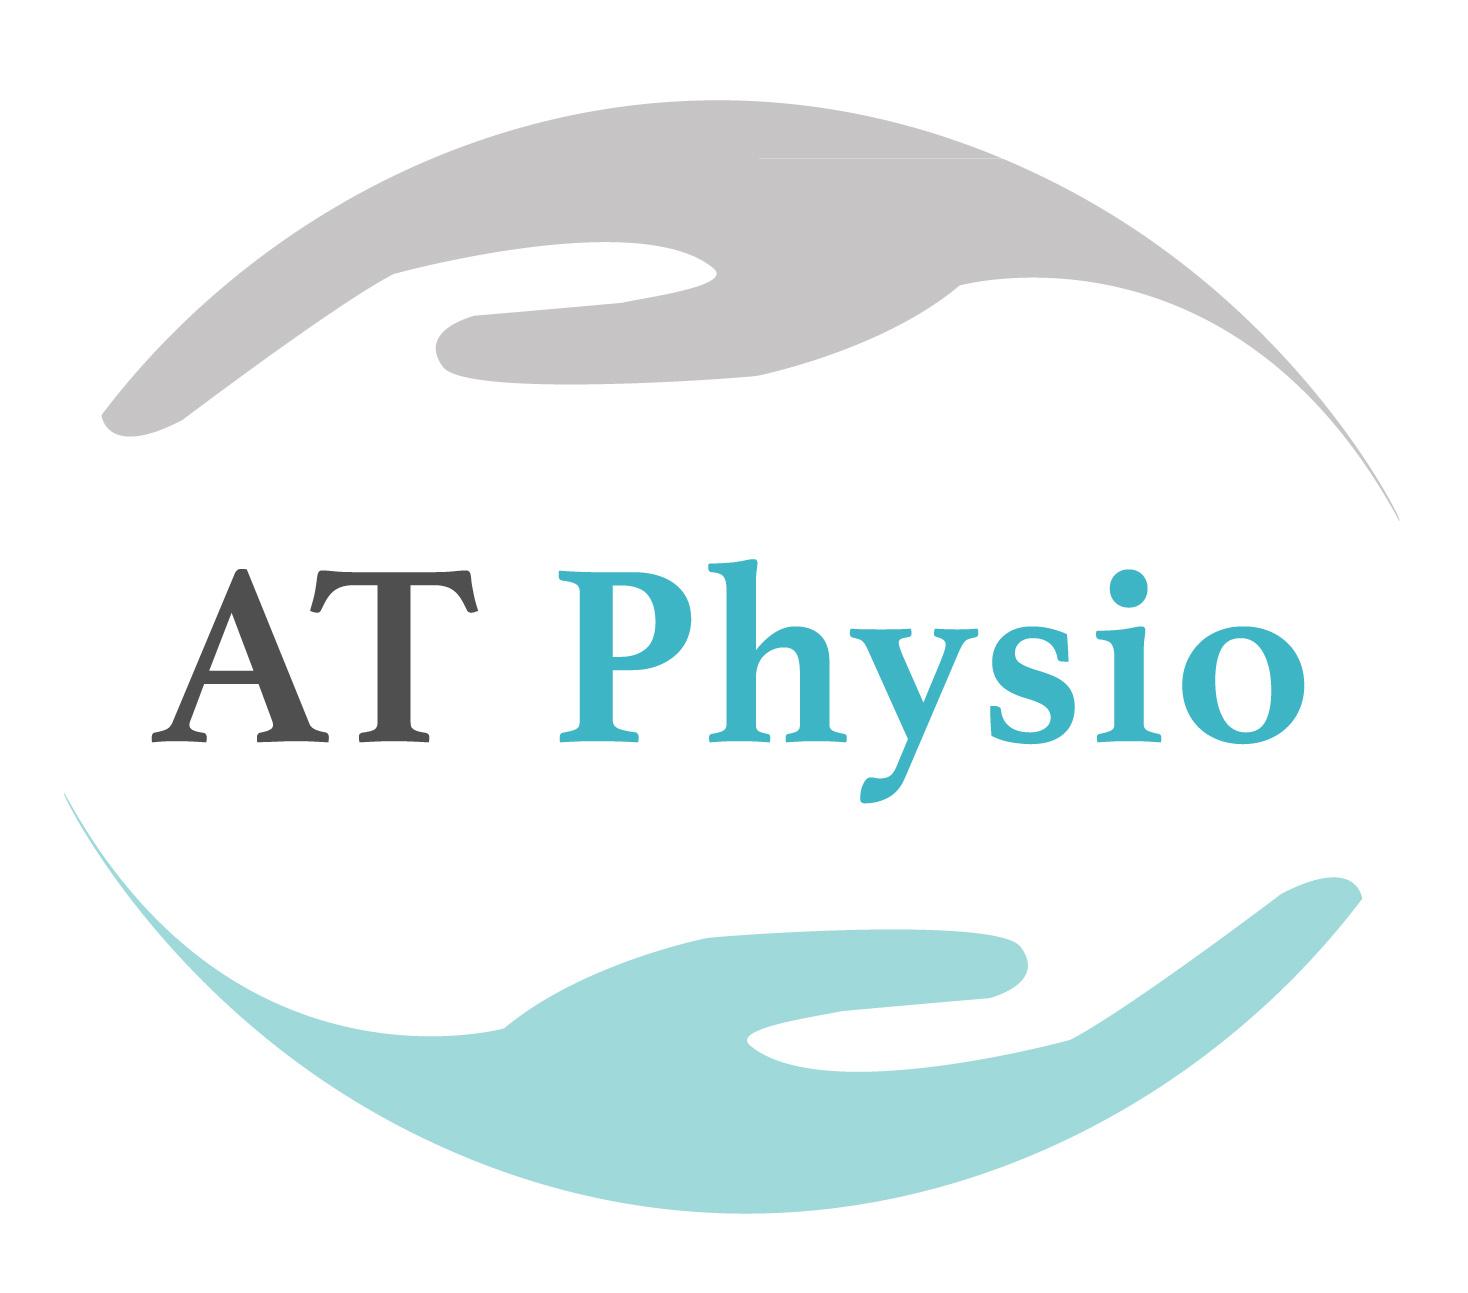 AT Physio